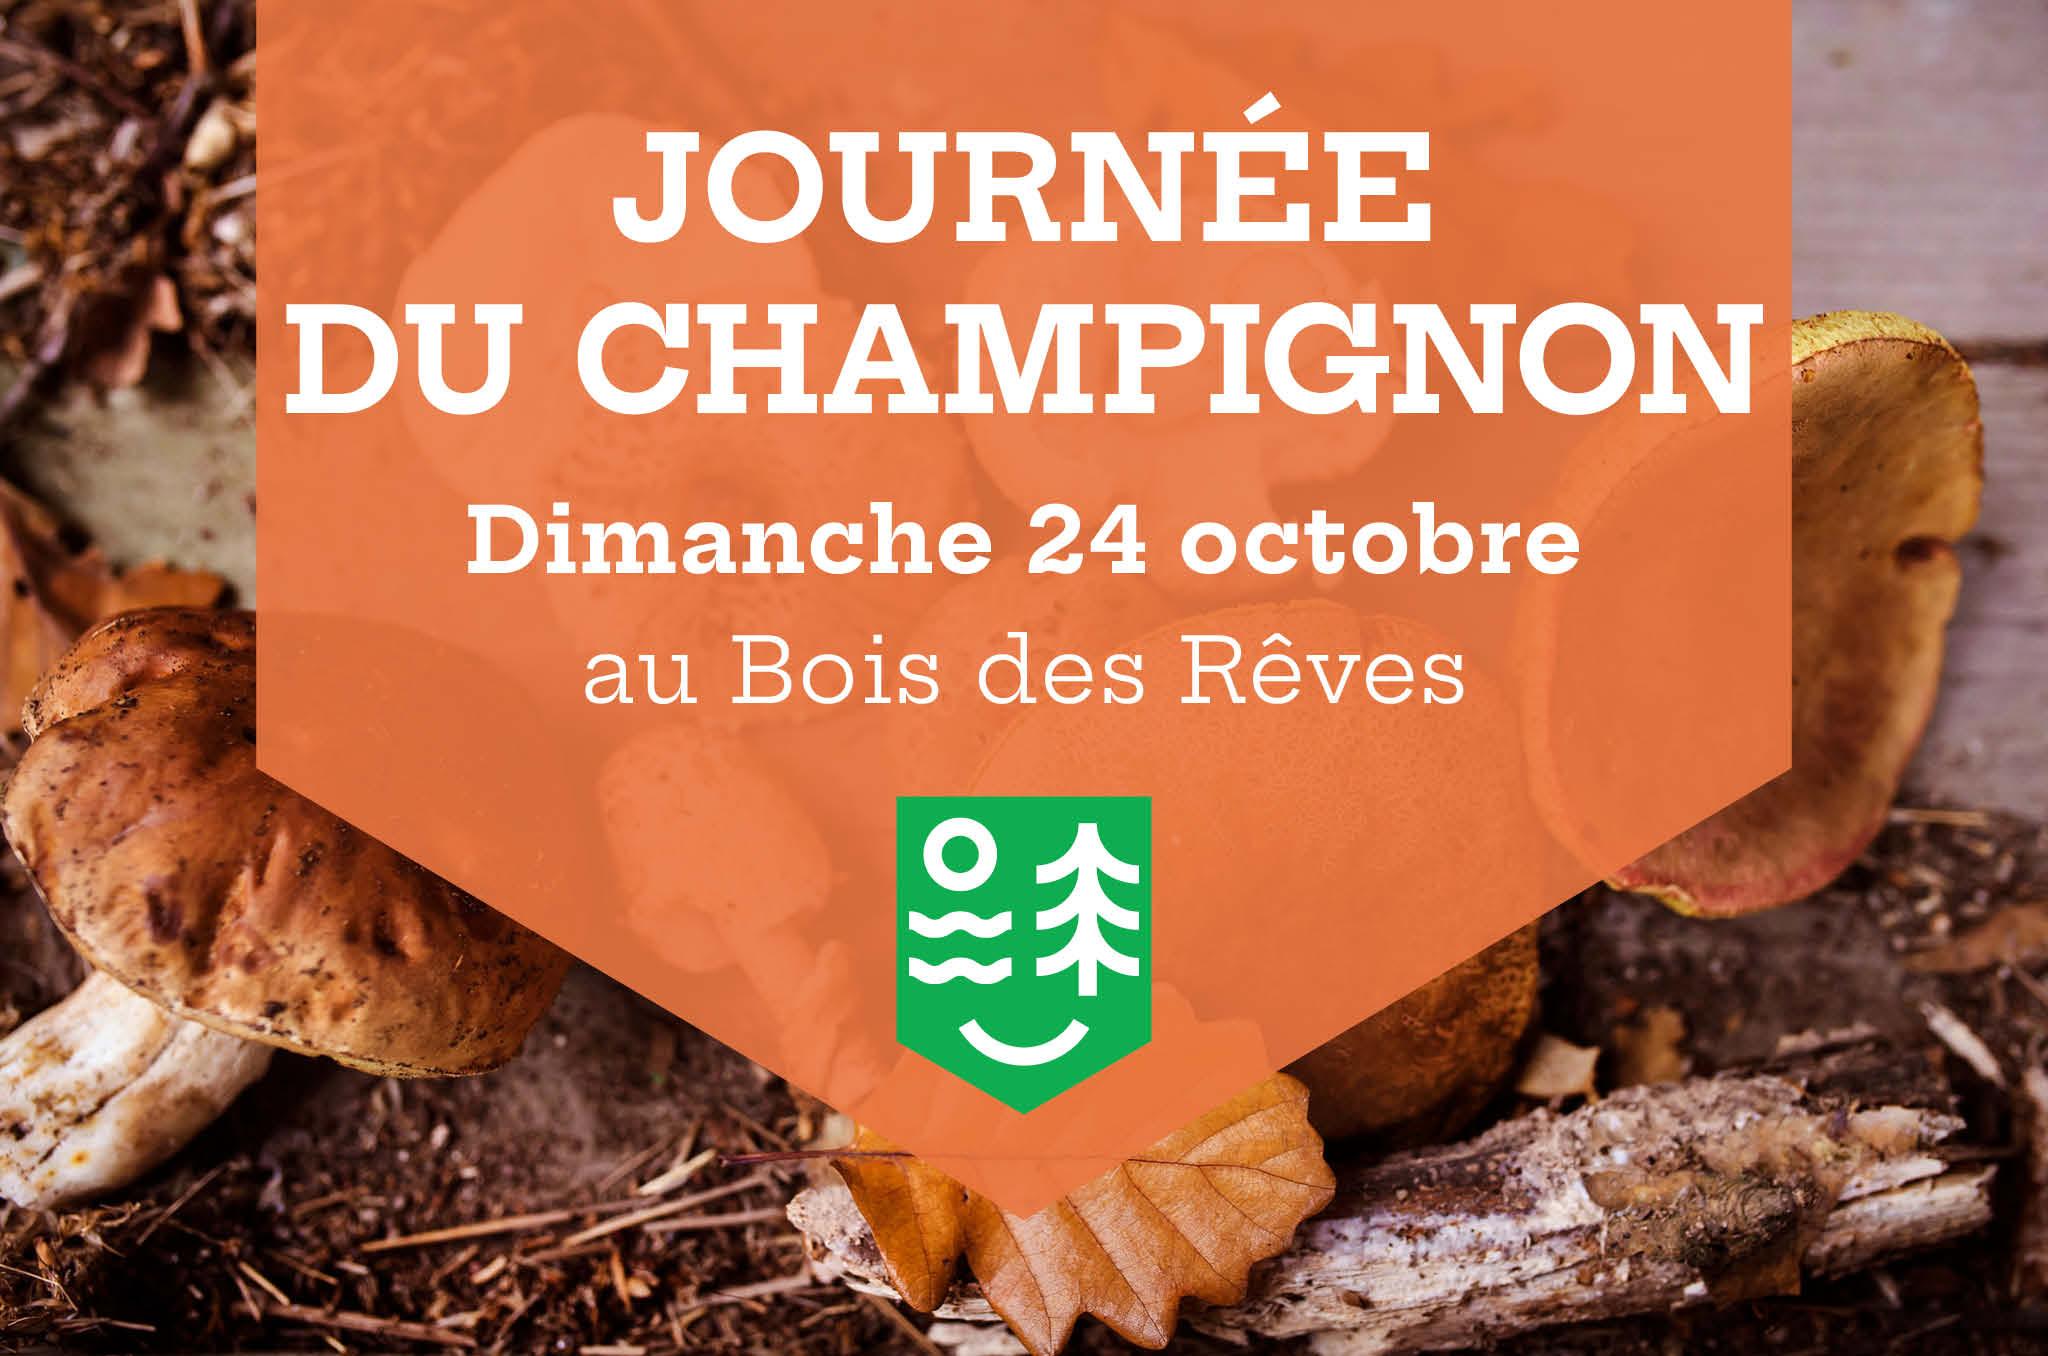 Journée du Champignon au Bois des Rêves